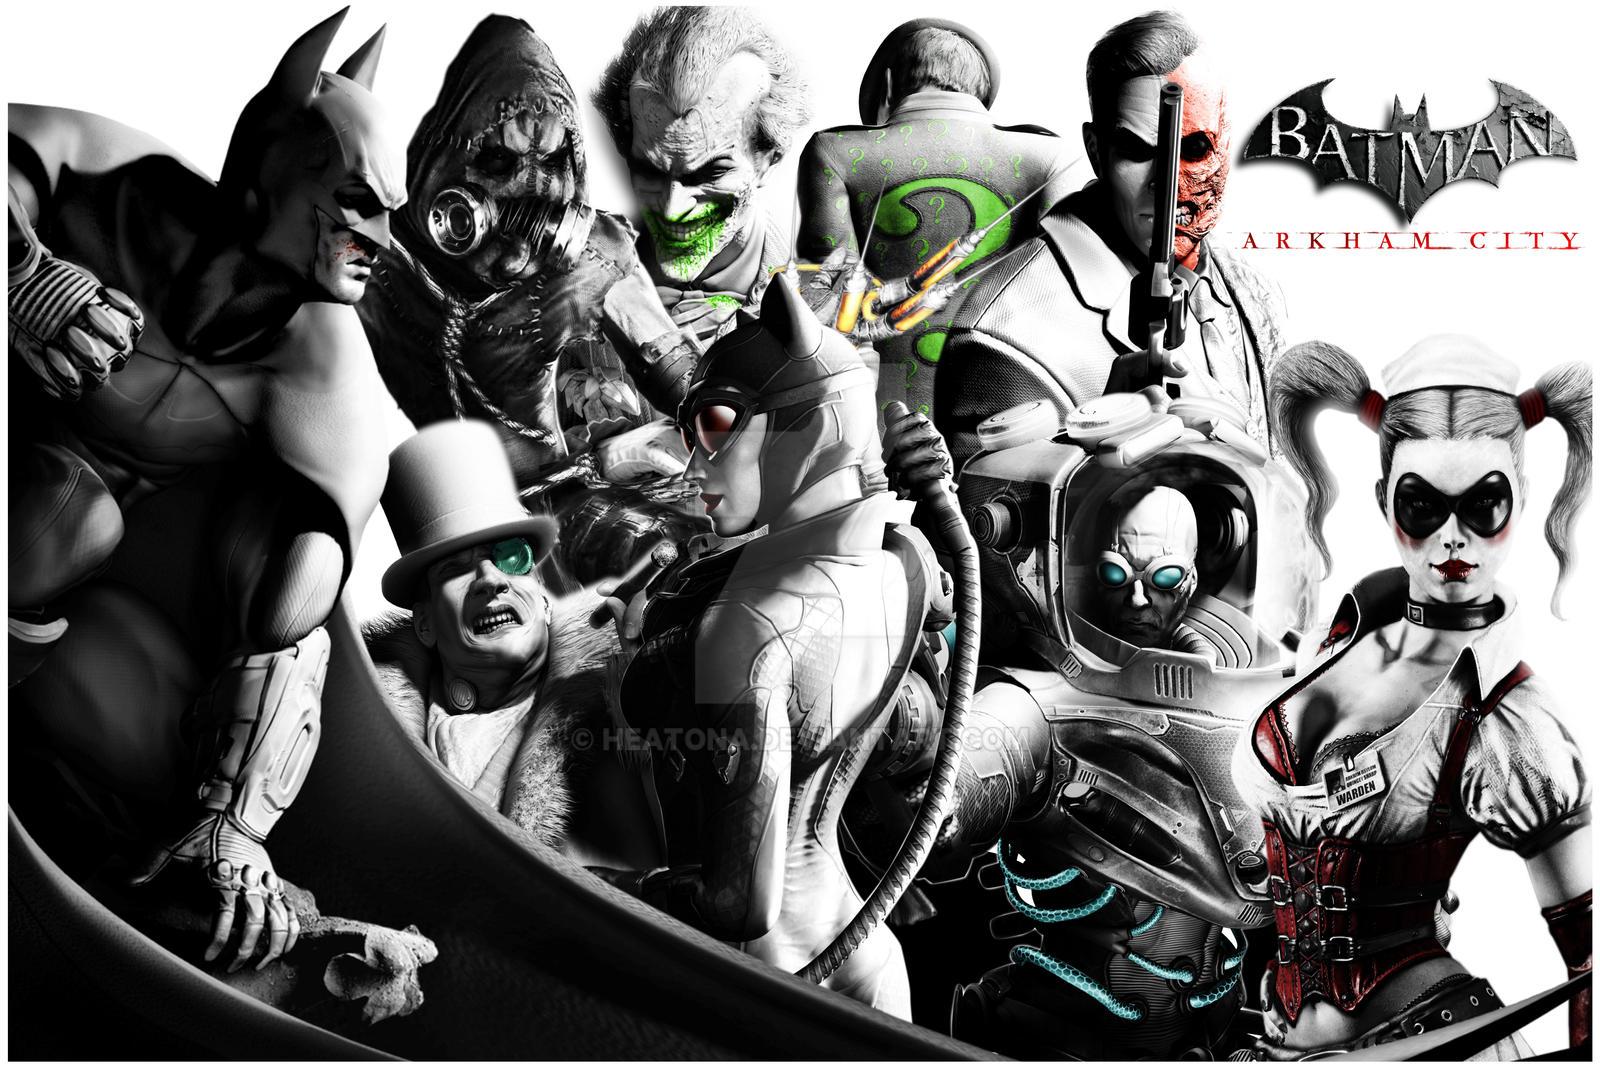 batman arkham city villains wallpaper images pictures